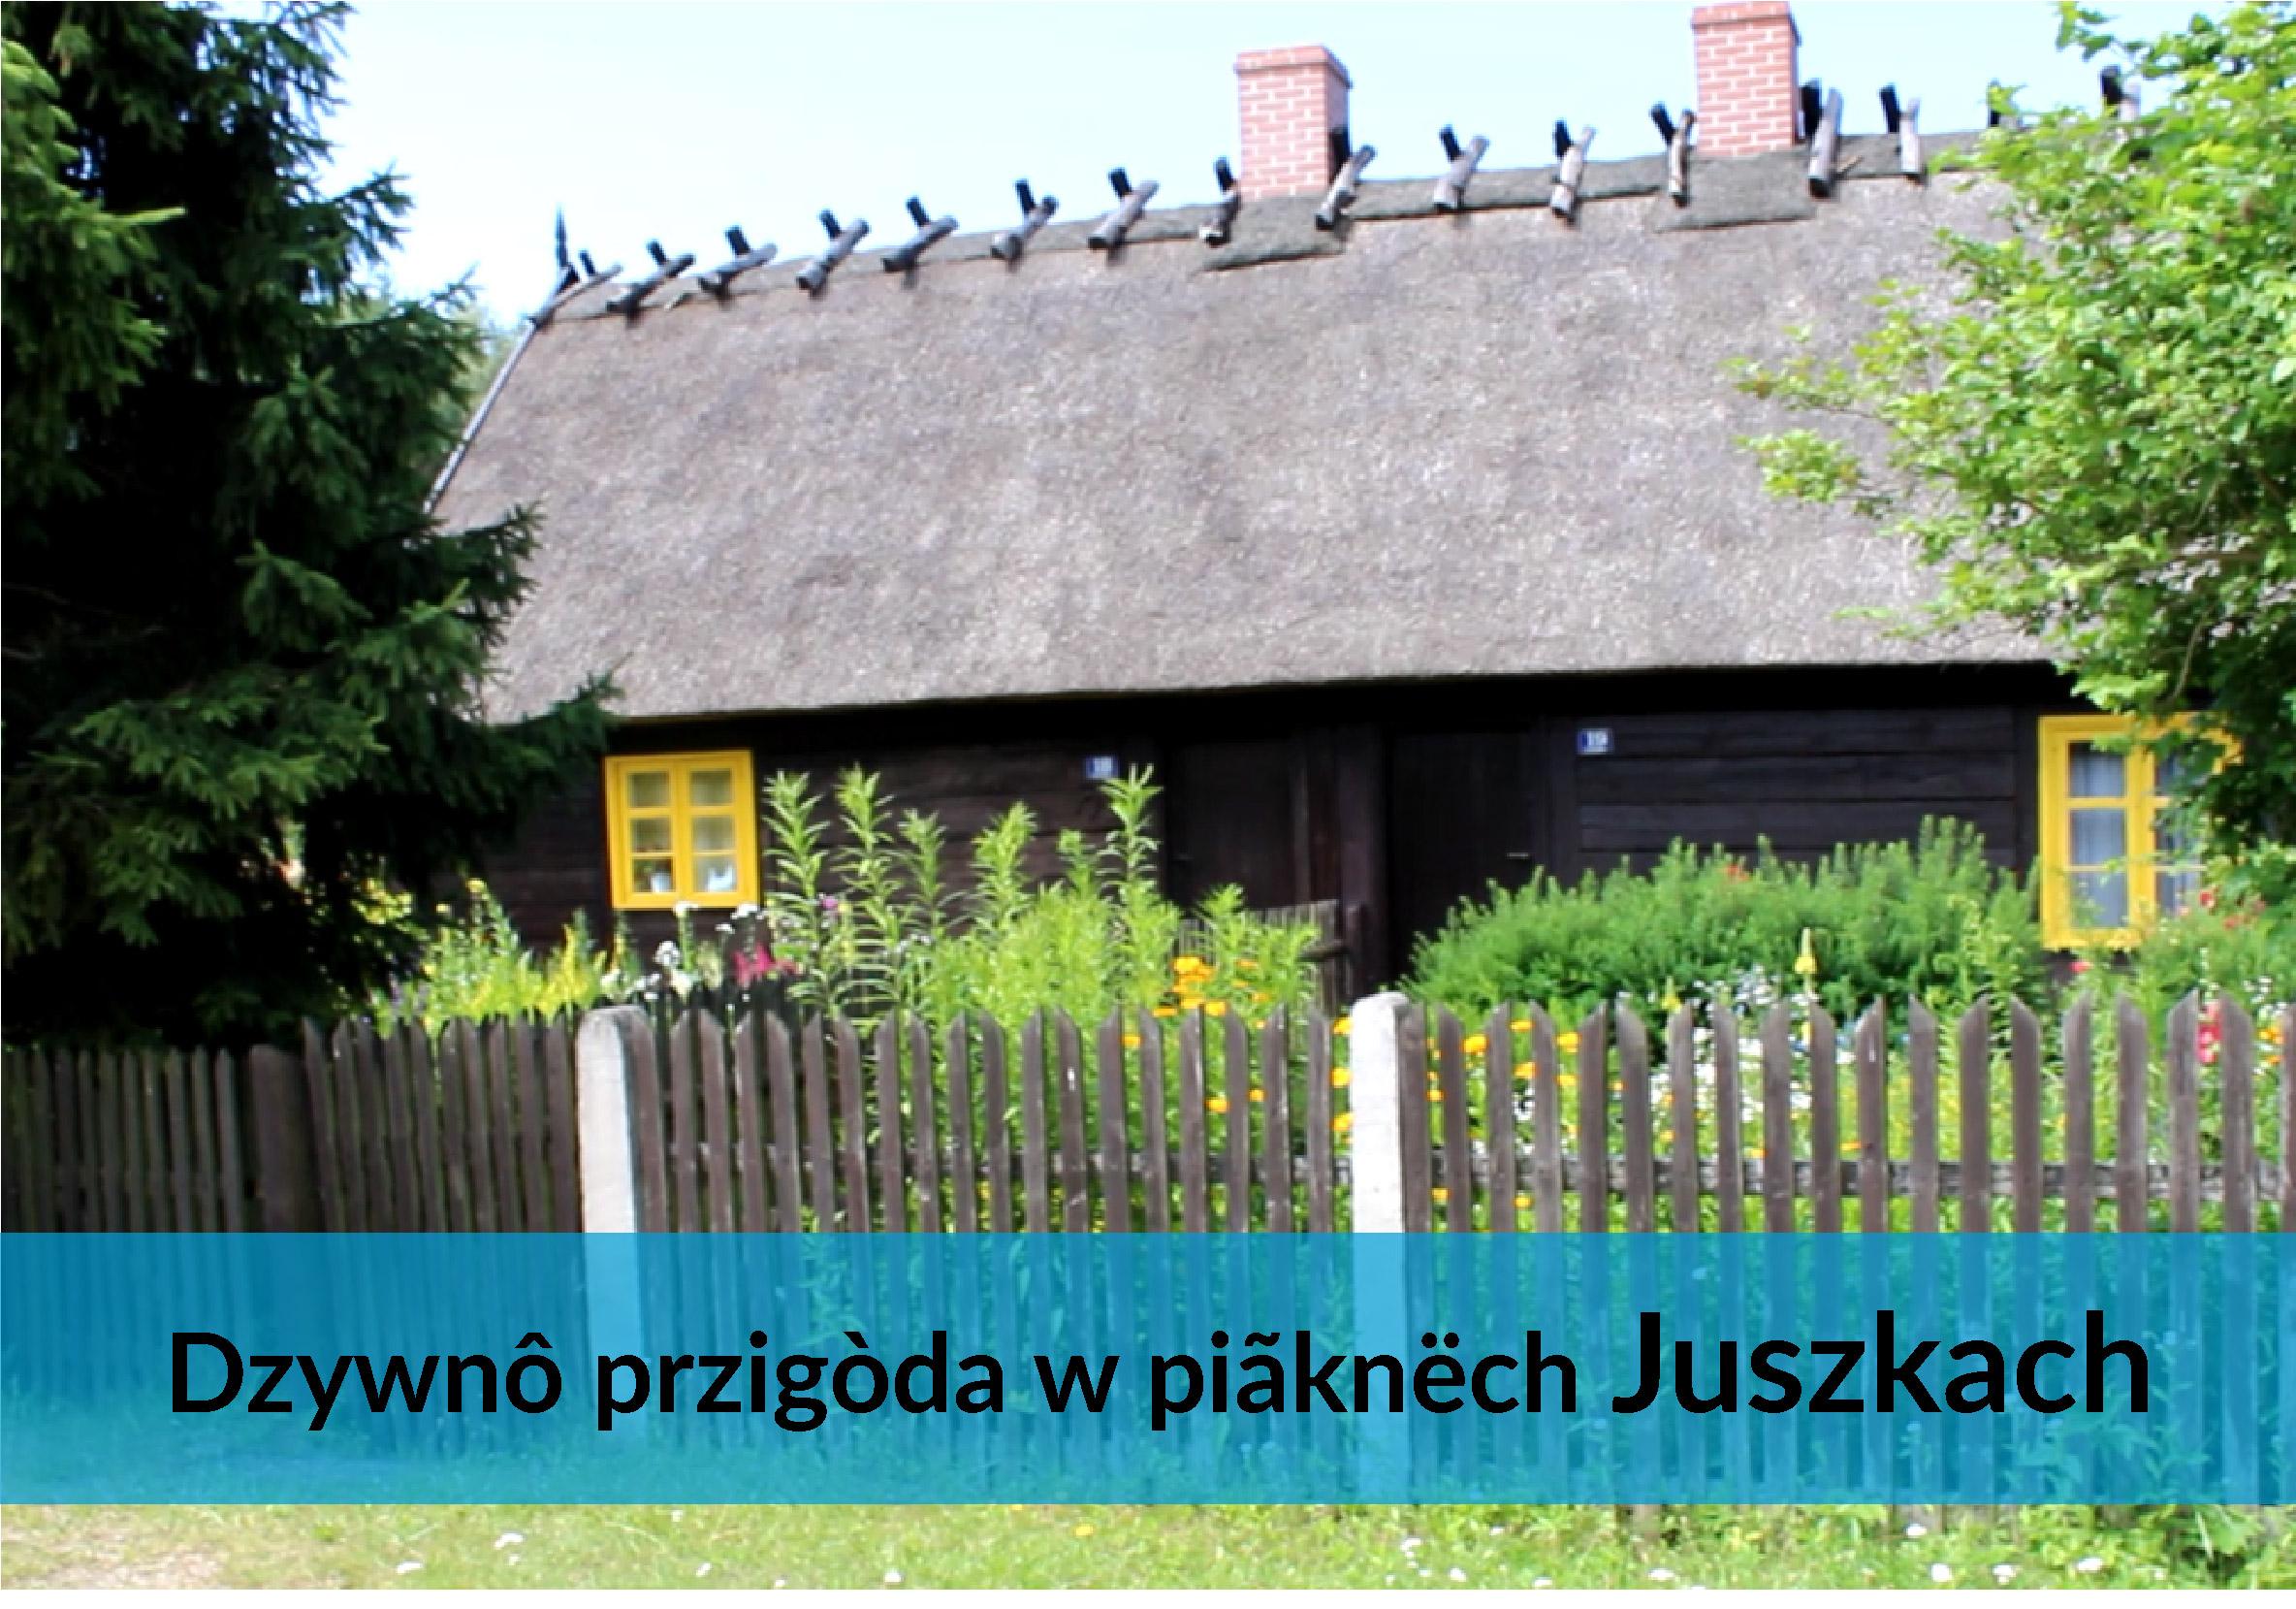 Dom Chrzanowskiego w Juszkach